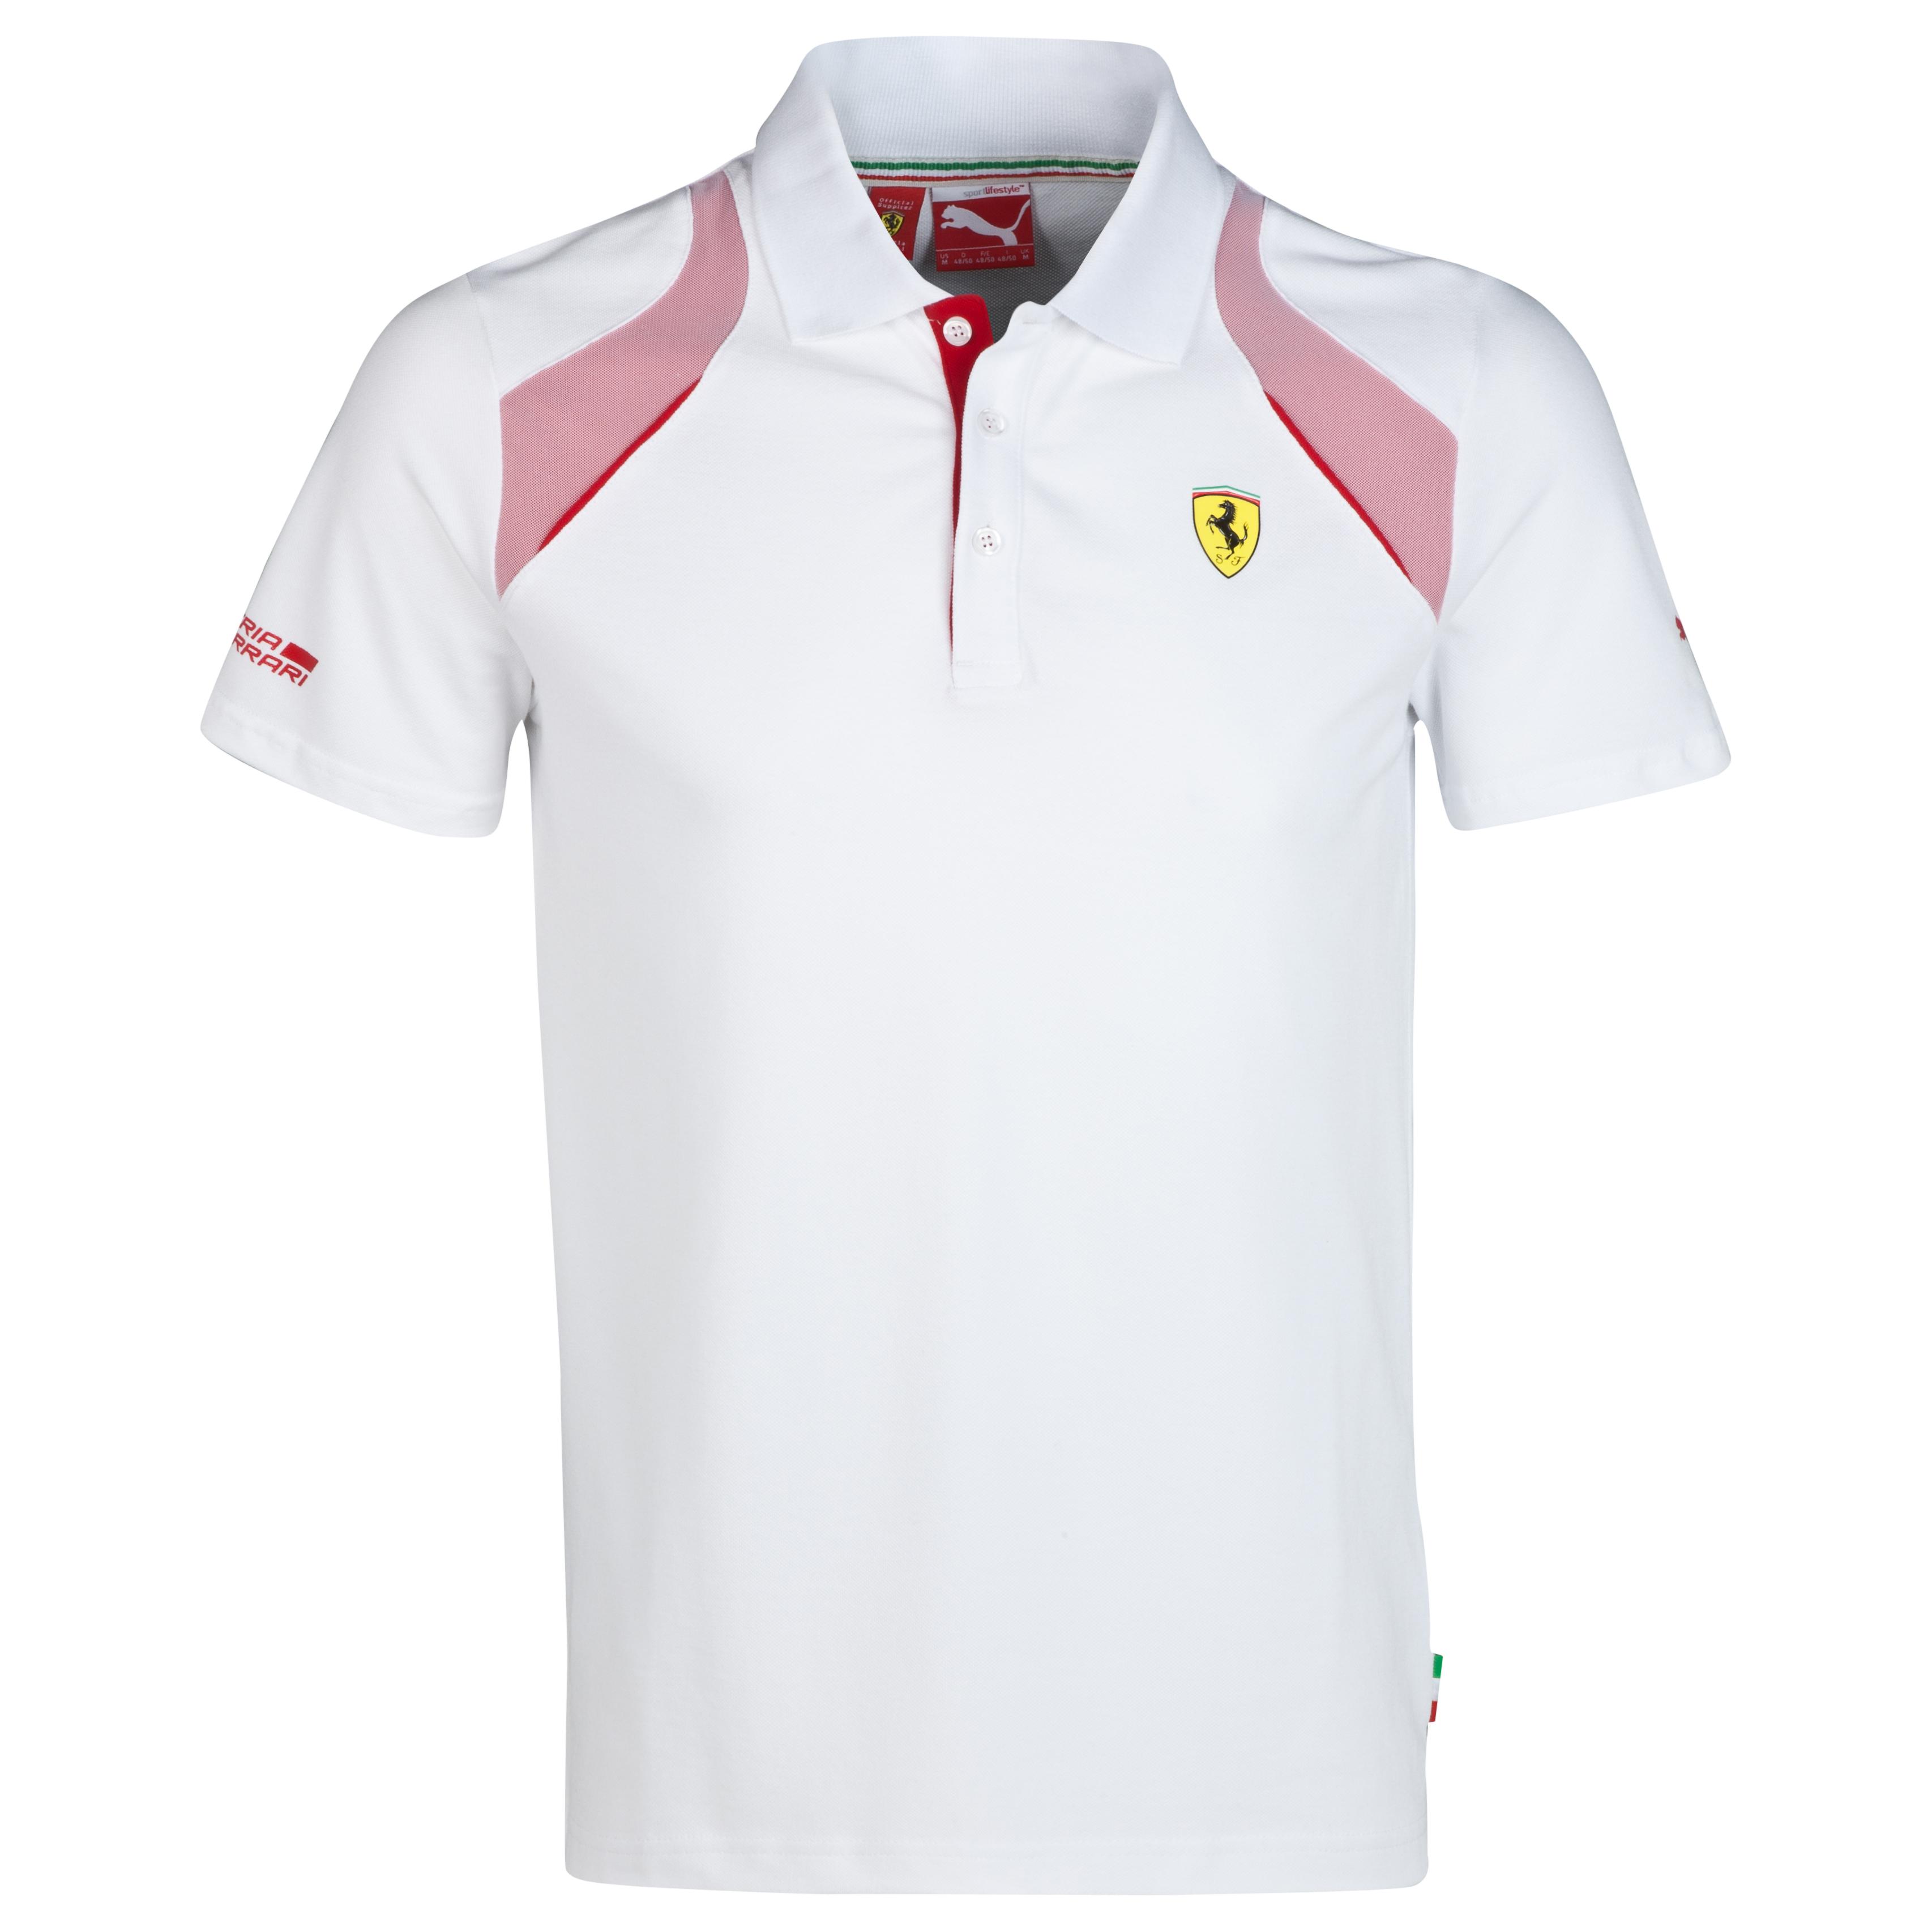 Scuderia Ferrari Polo White